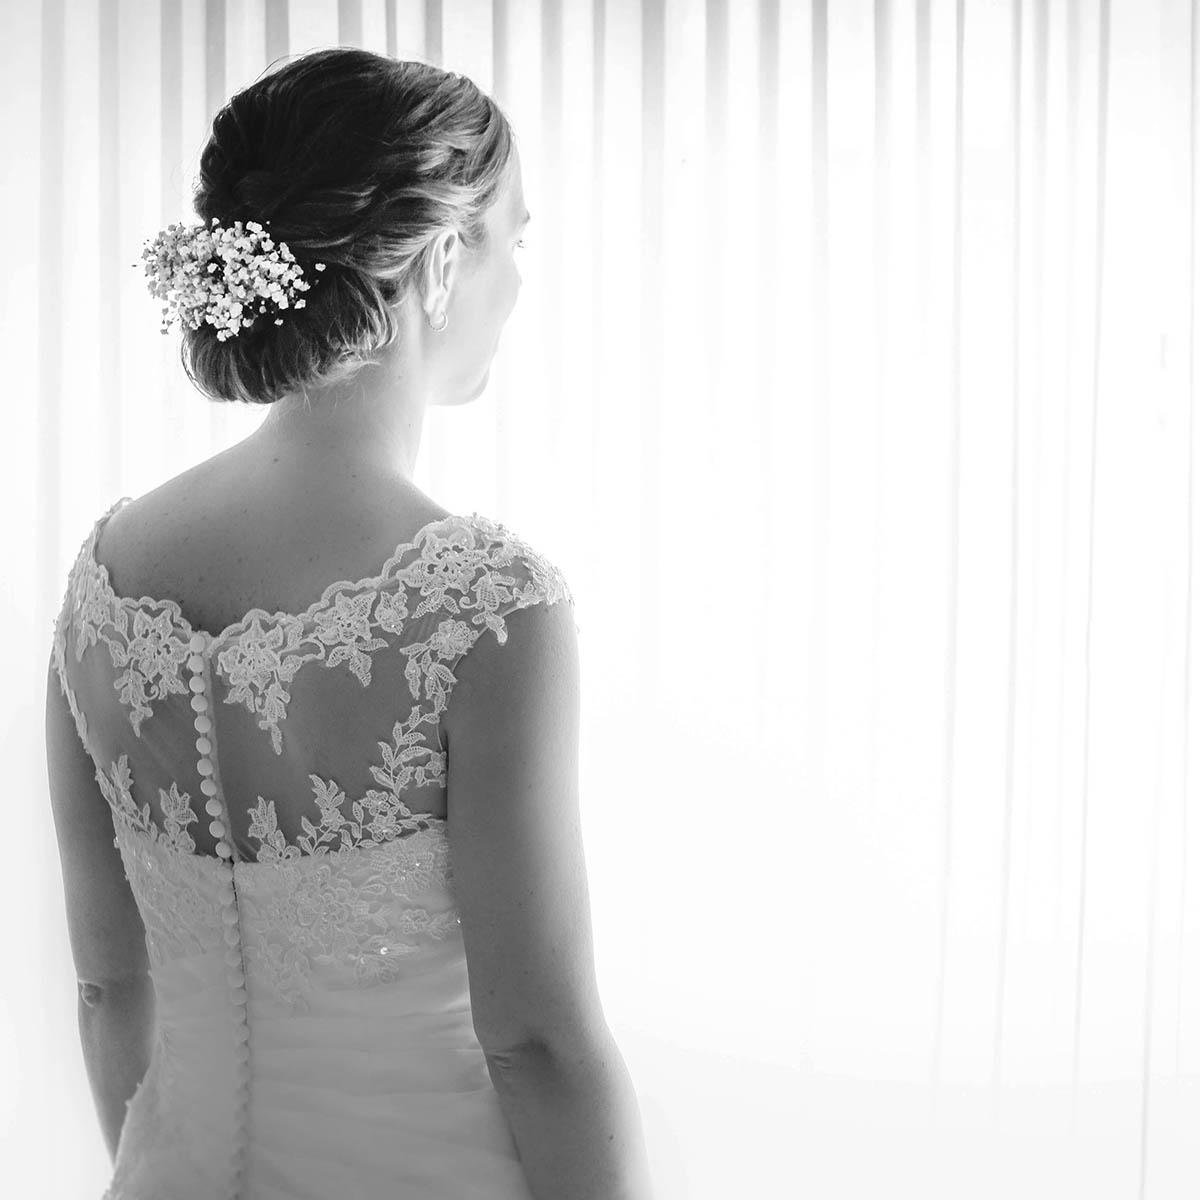 De bruid tijdens haar trouwdag